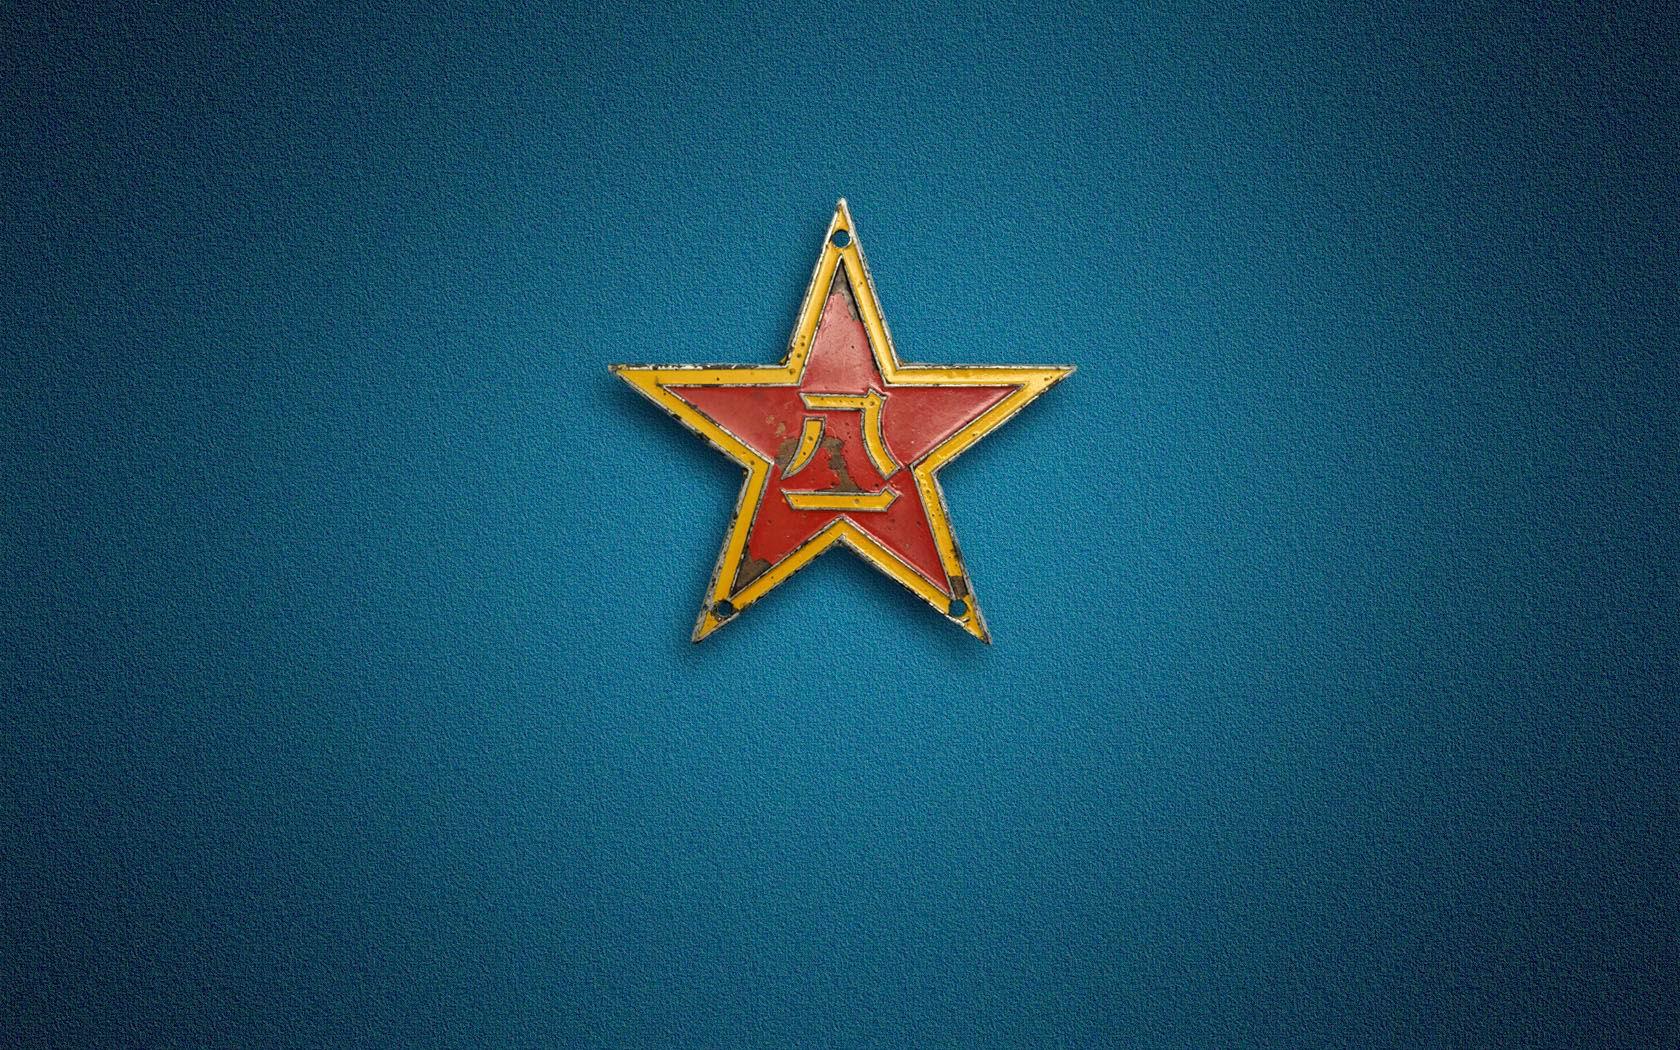 解放军高清壁纸_中国PLZ05式自行加榴炮高清壁纸图片4_陆军